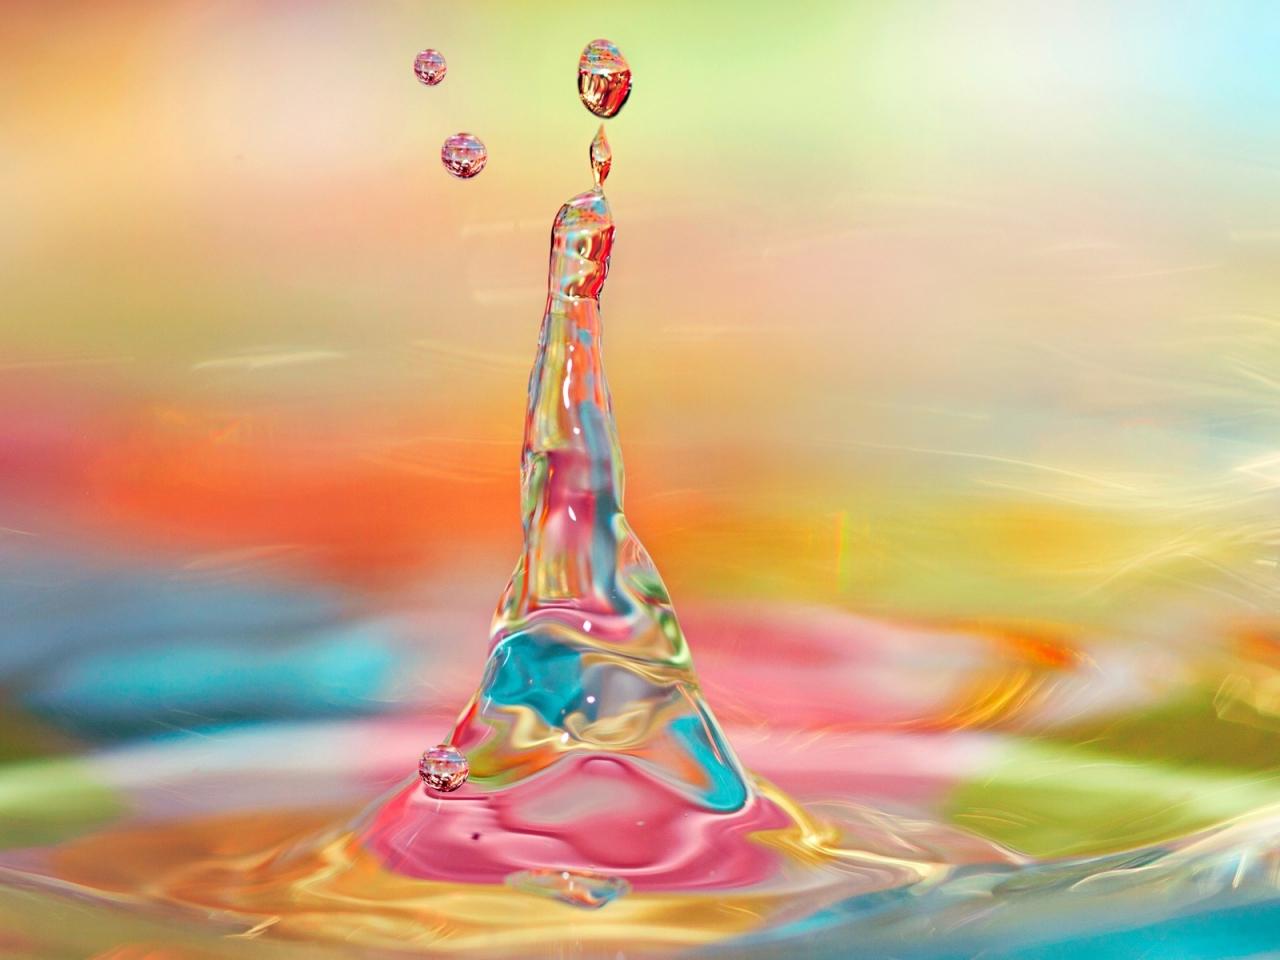 Agua y luces de colores - 1280x960